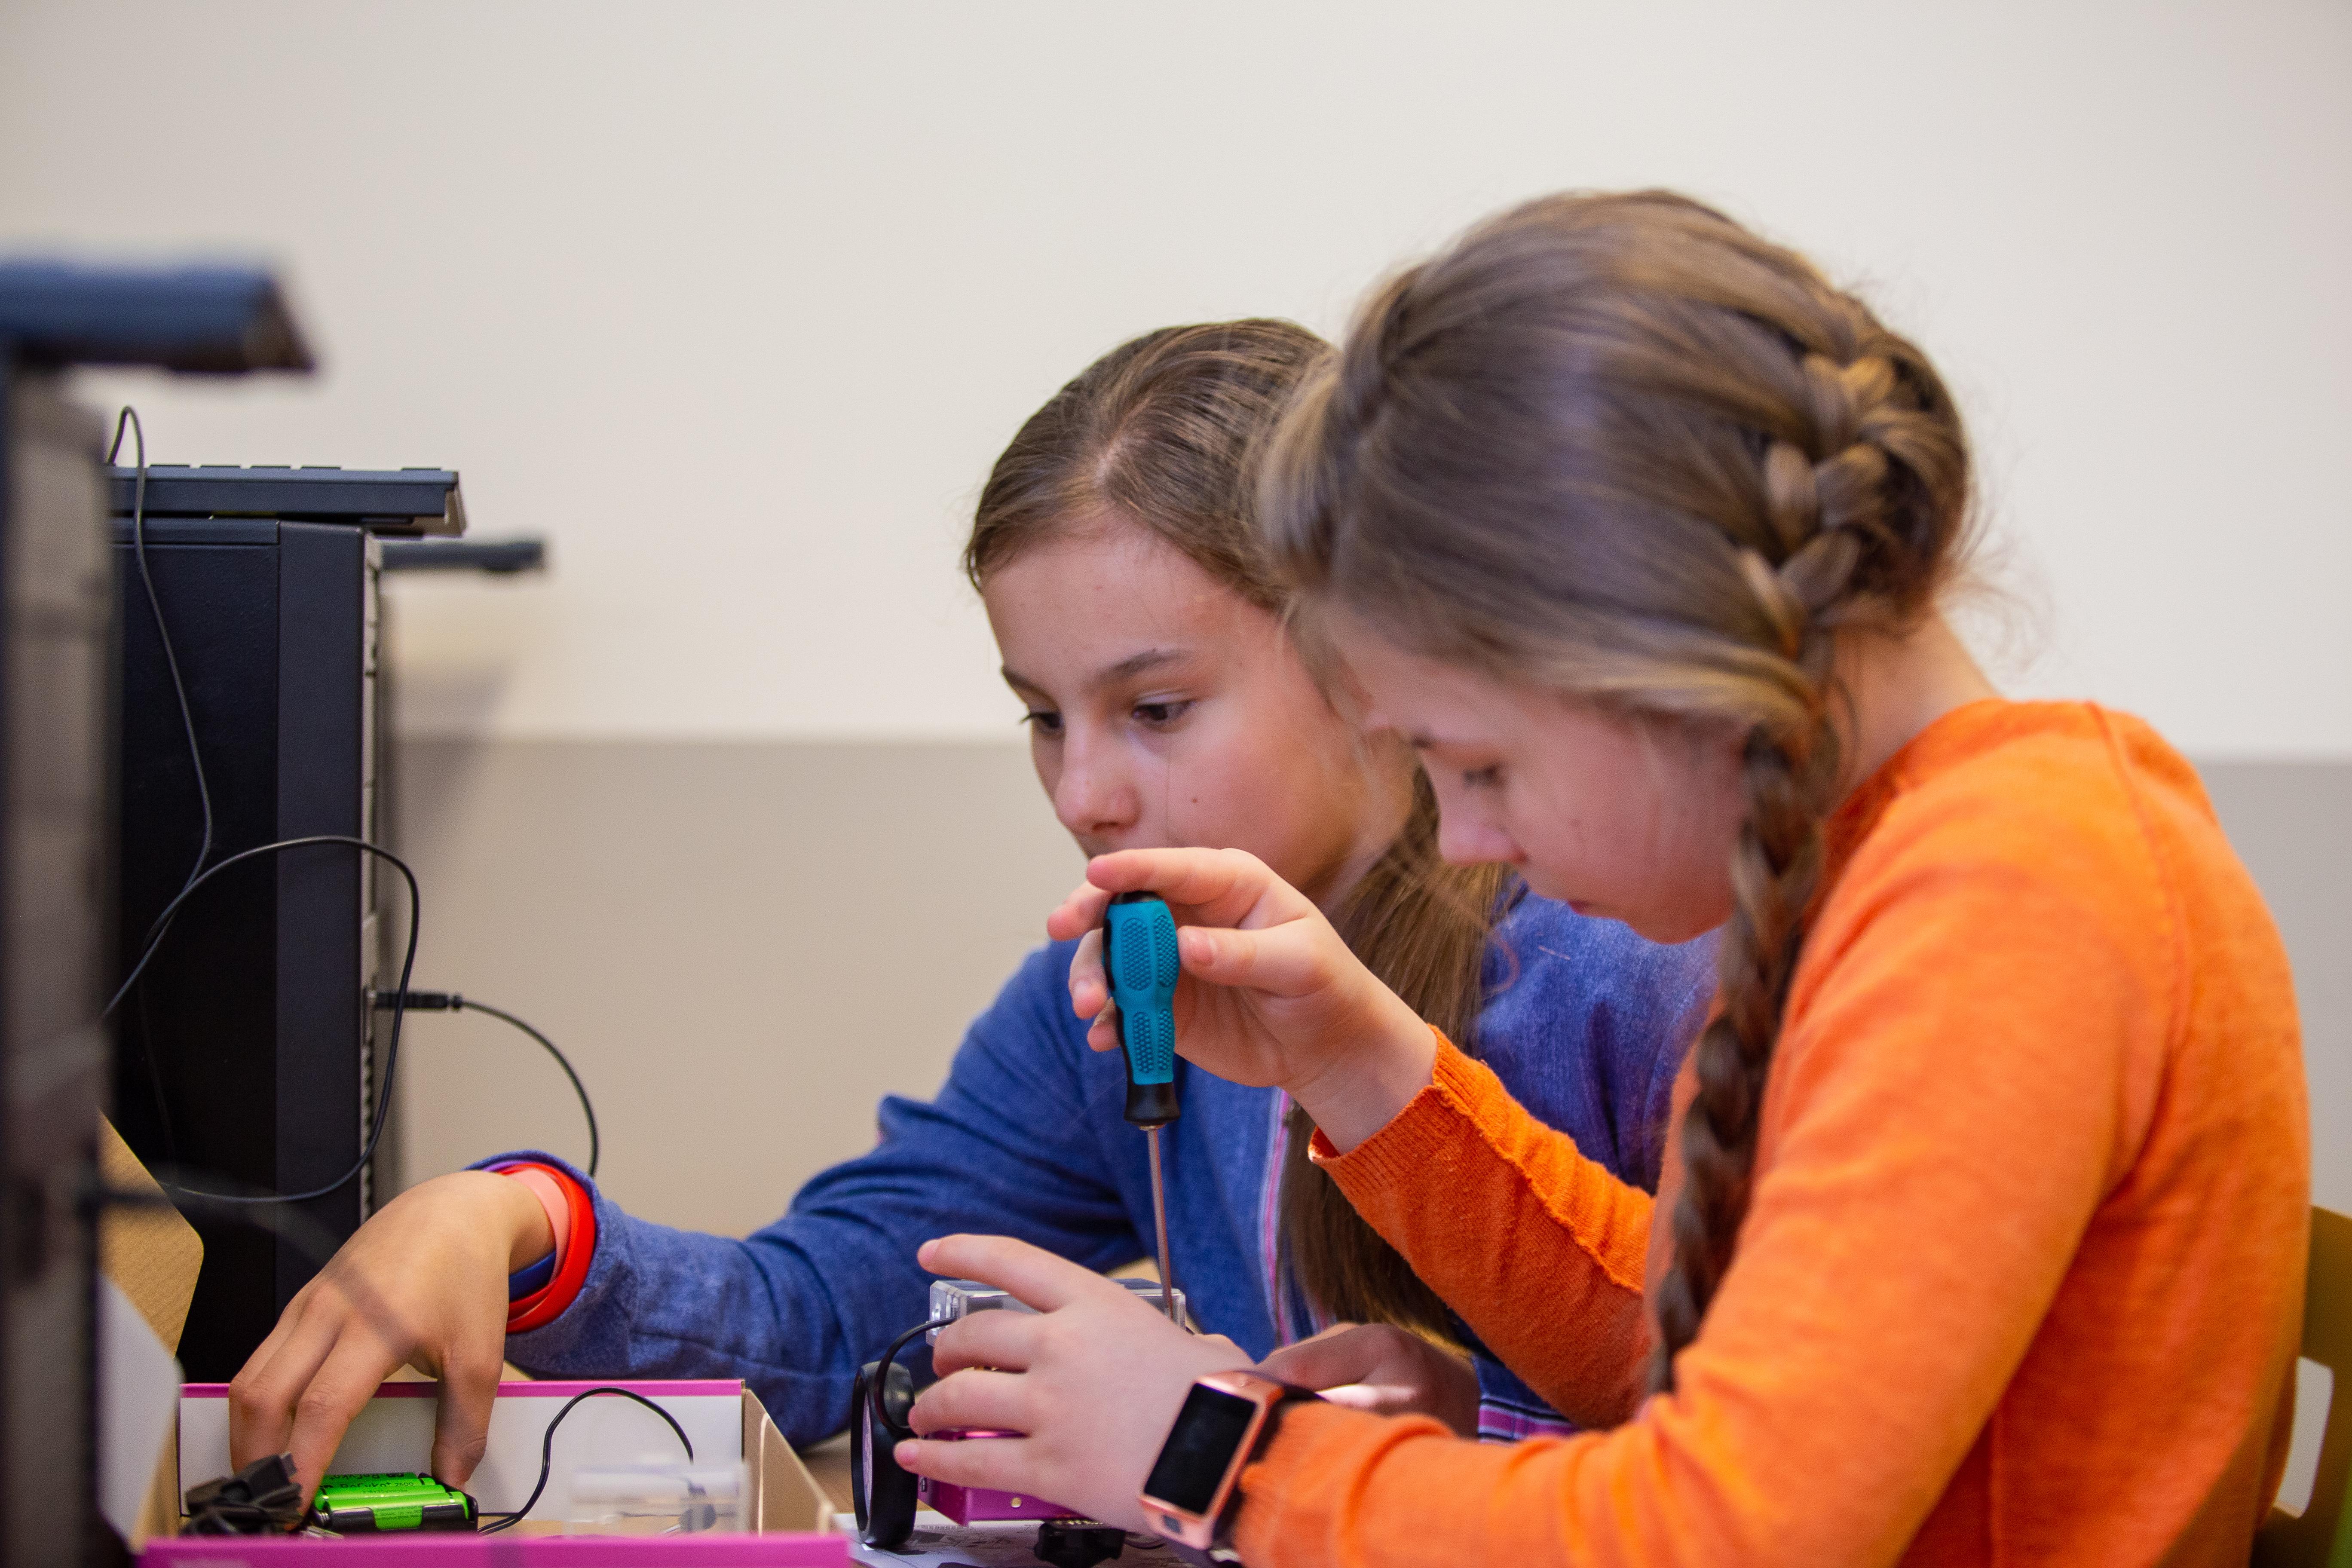 Dziewczyny naprawiają mały robocik śrubokrętem.